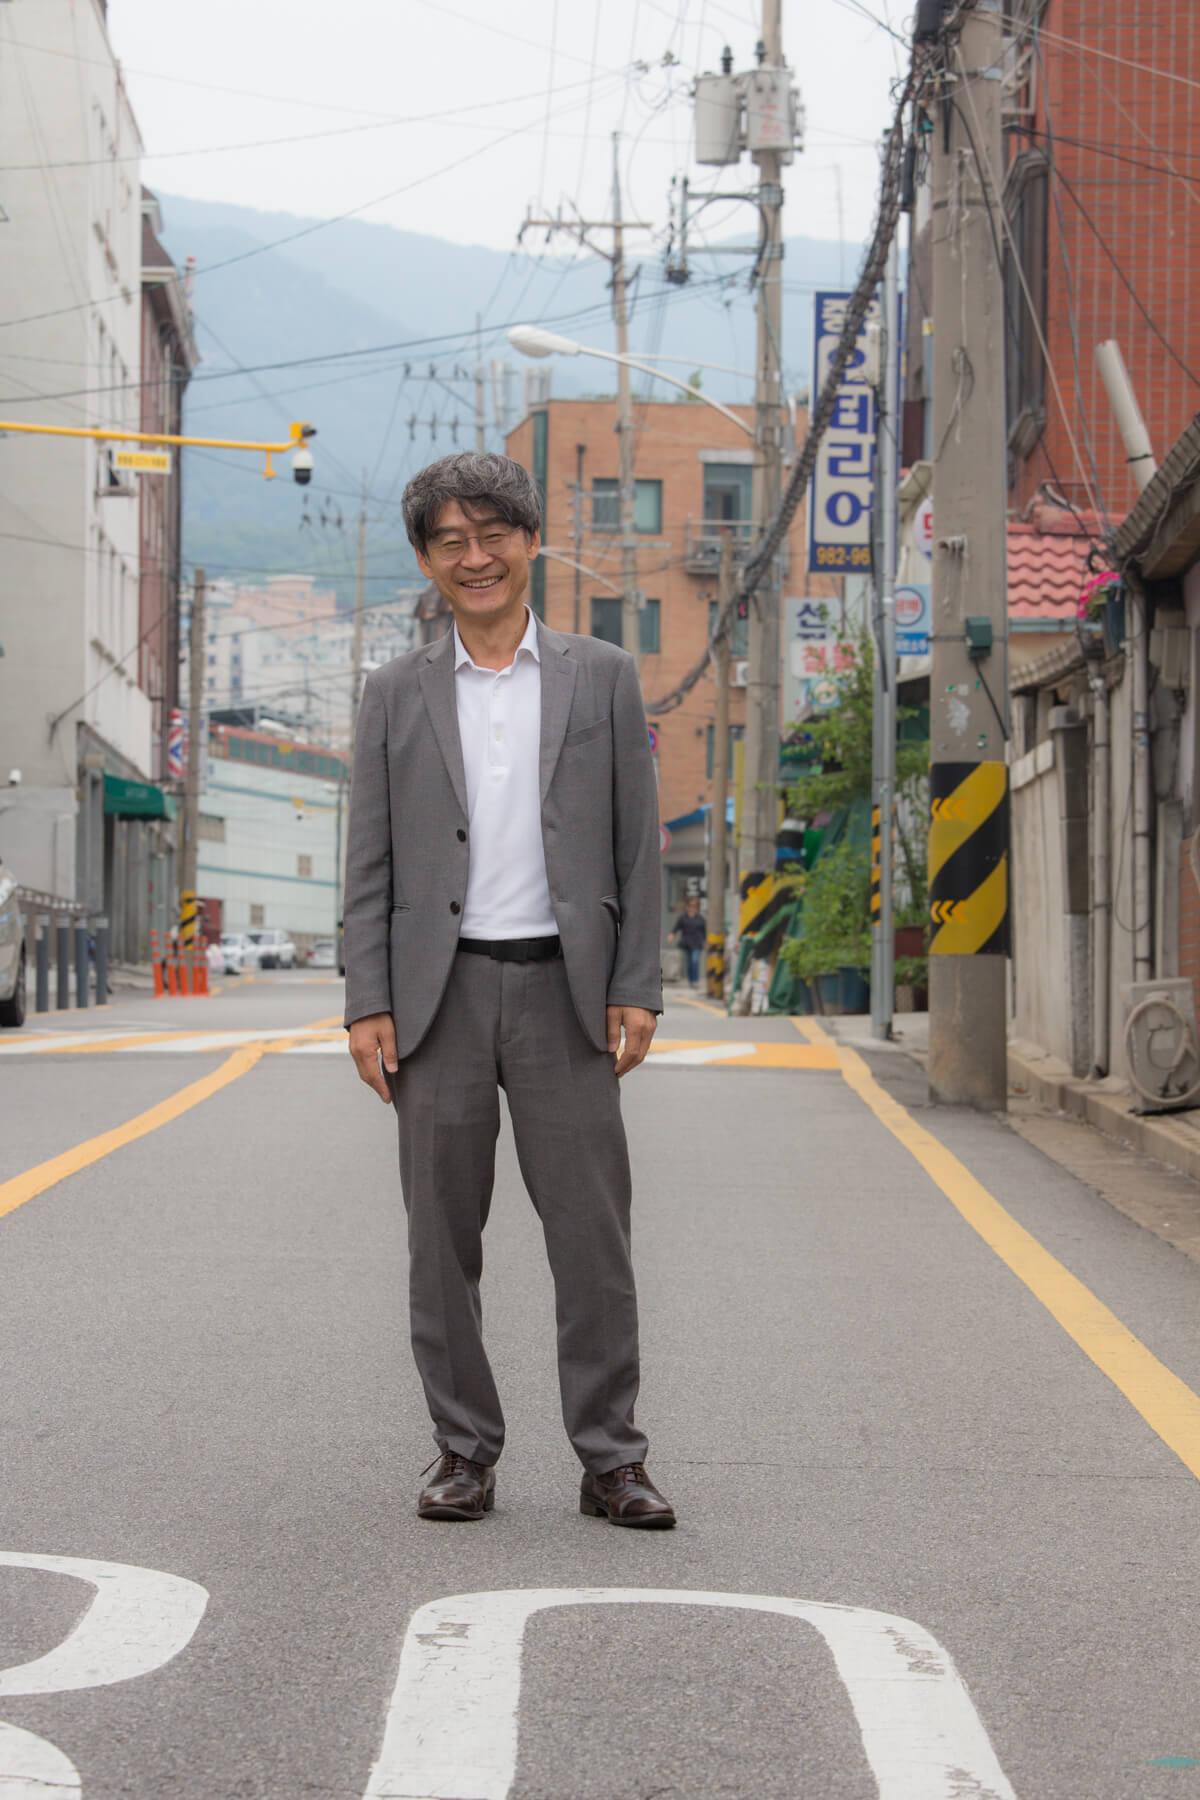 由孩子到老年人的社區,柳昌馥一直致力建立一個更好的生活環境給他們。